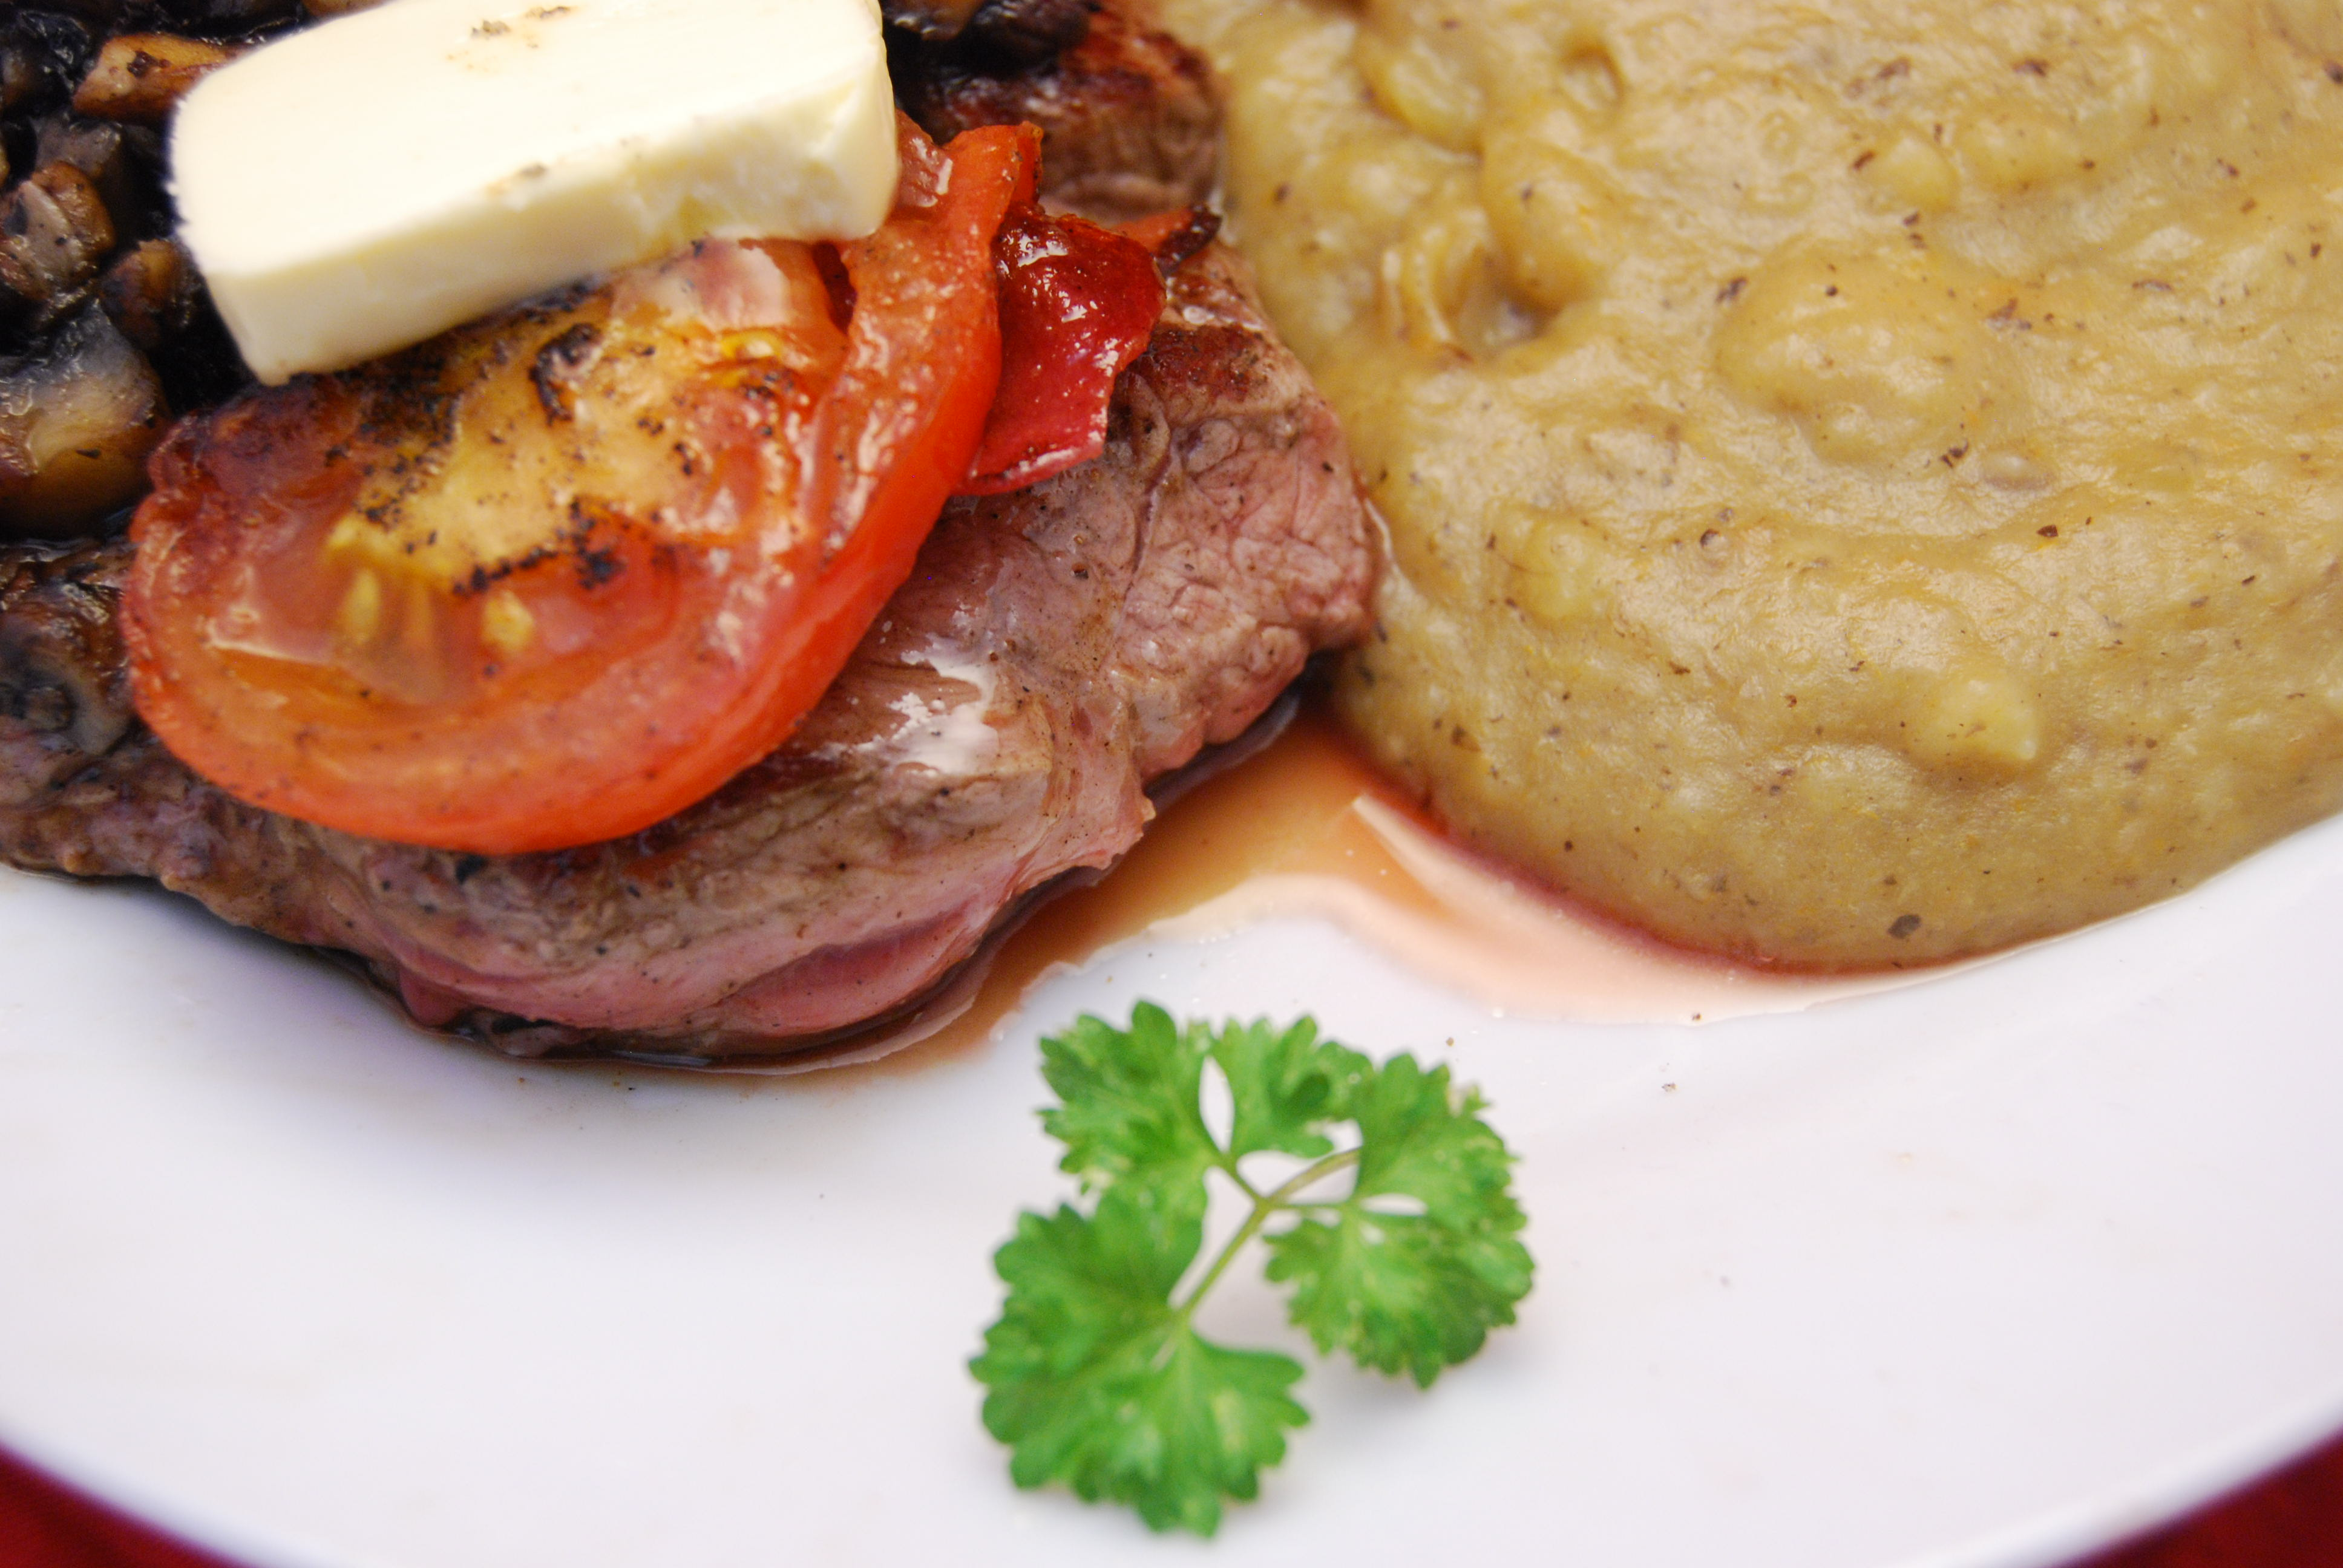 Rinder-Hüftsteak mit Speck, Tomate, Champignon und Knoblauchbutter und Kartoffel-Gemüse-Püree